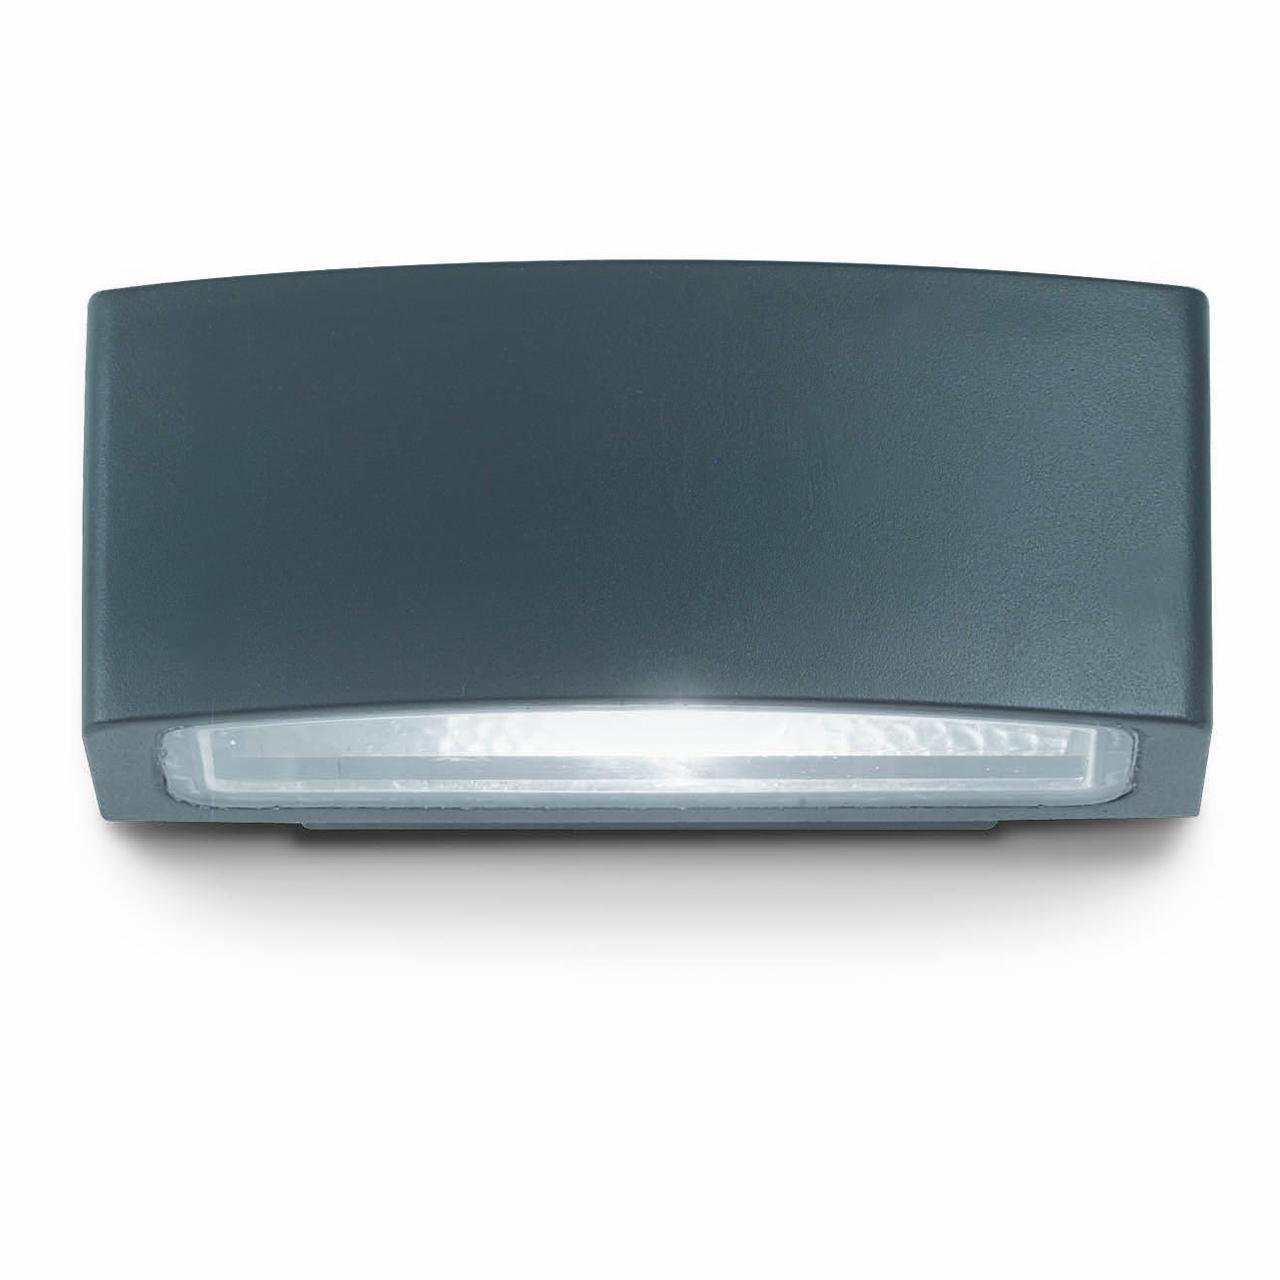 Уличный настенный светильник Ideal Lux Andromeda AP1 Antracite ideal lux уличный настенный светильник ideal lux rex 1 ap1 antracite